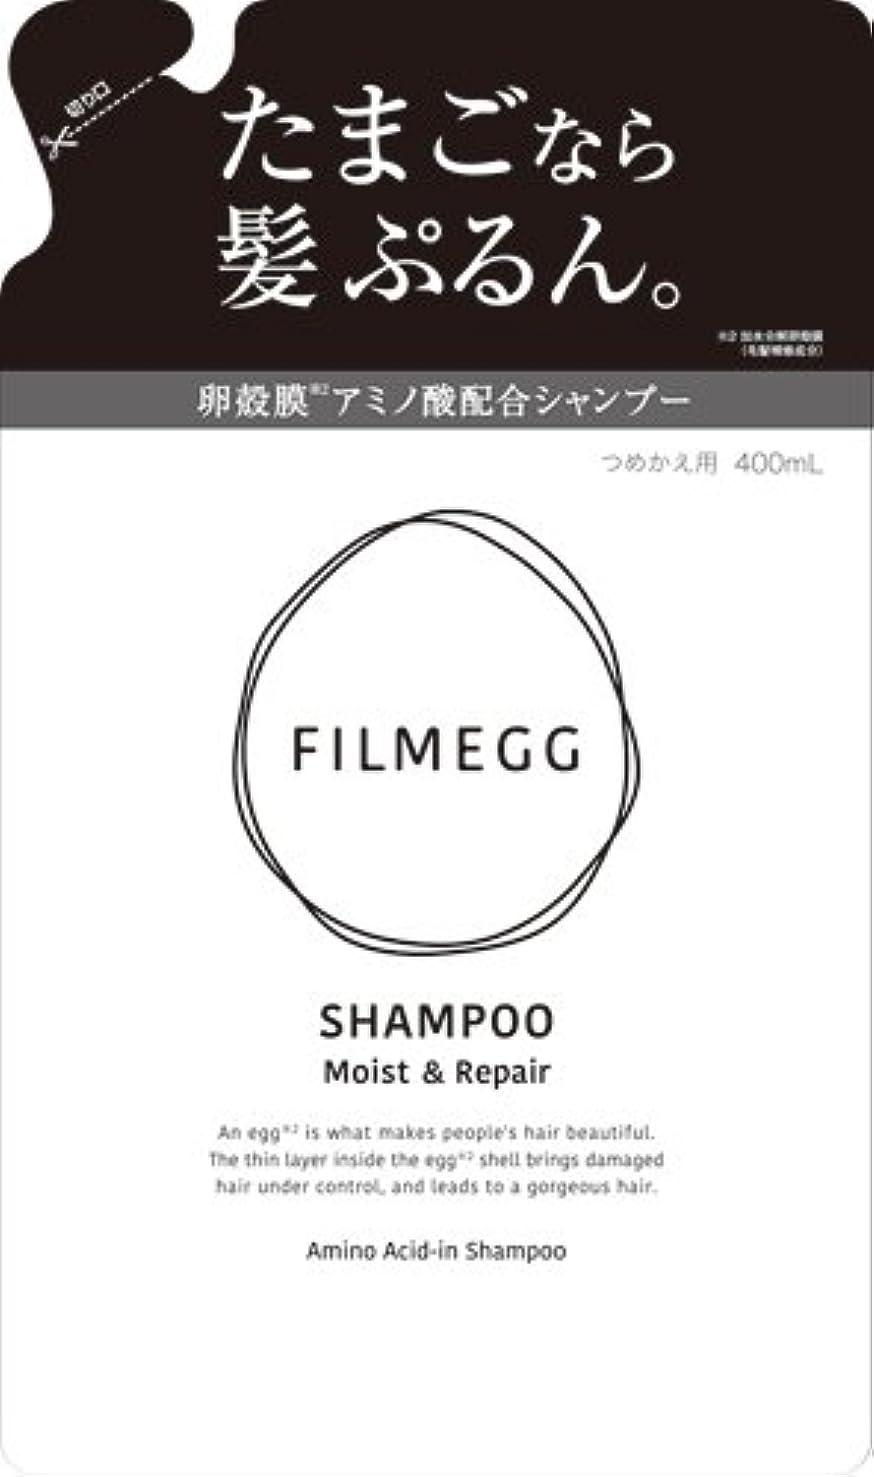 消費する早熟貸し手FILMEGG(フィルメッグ) シャンプー 詰替え 400ml